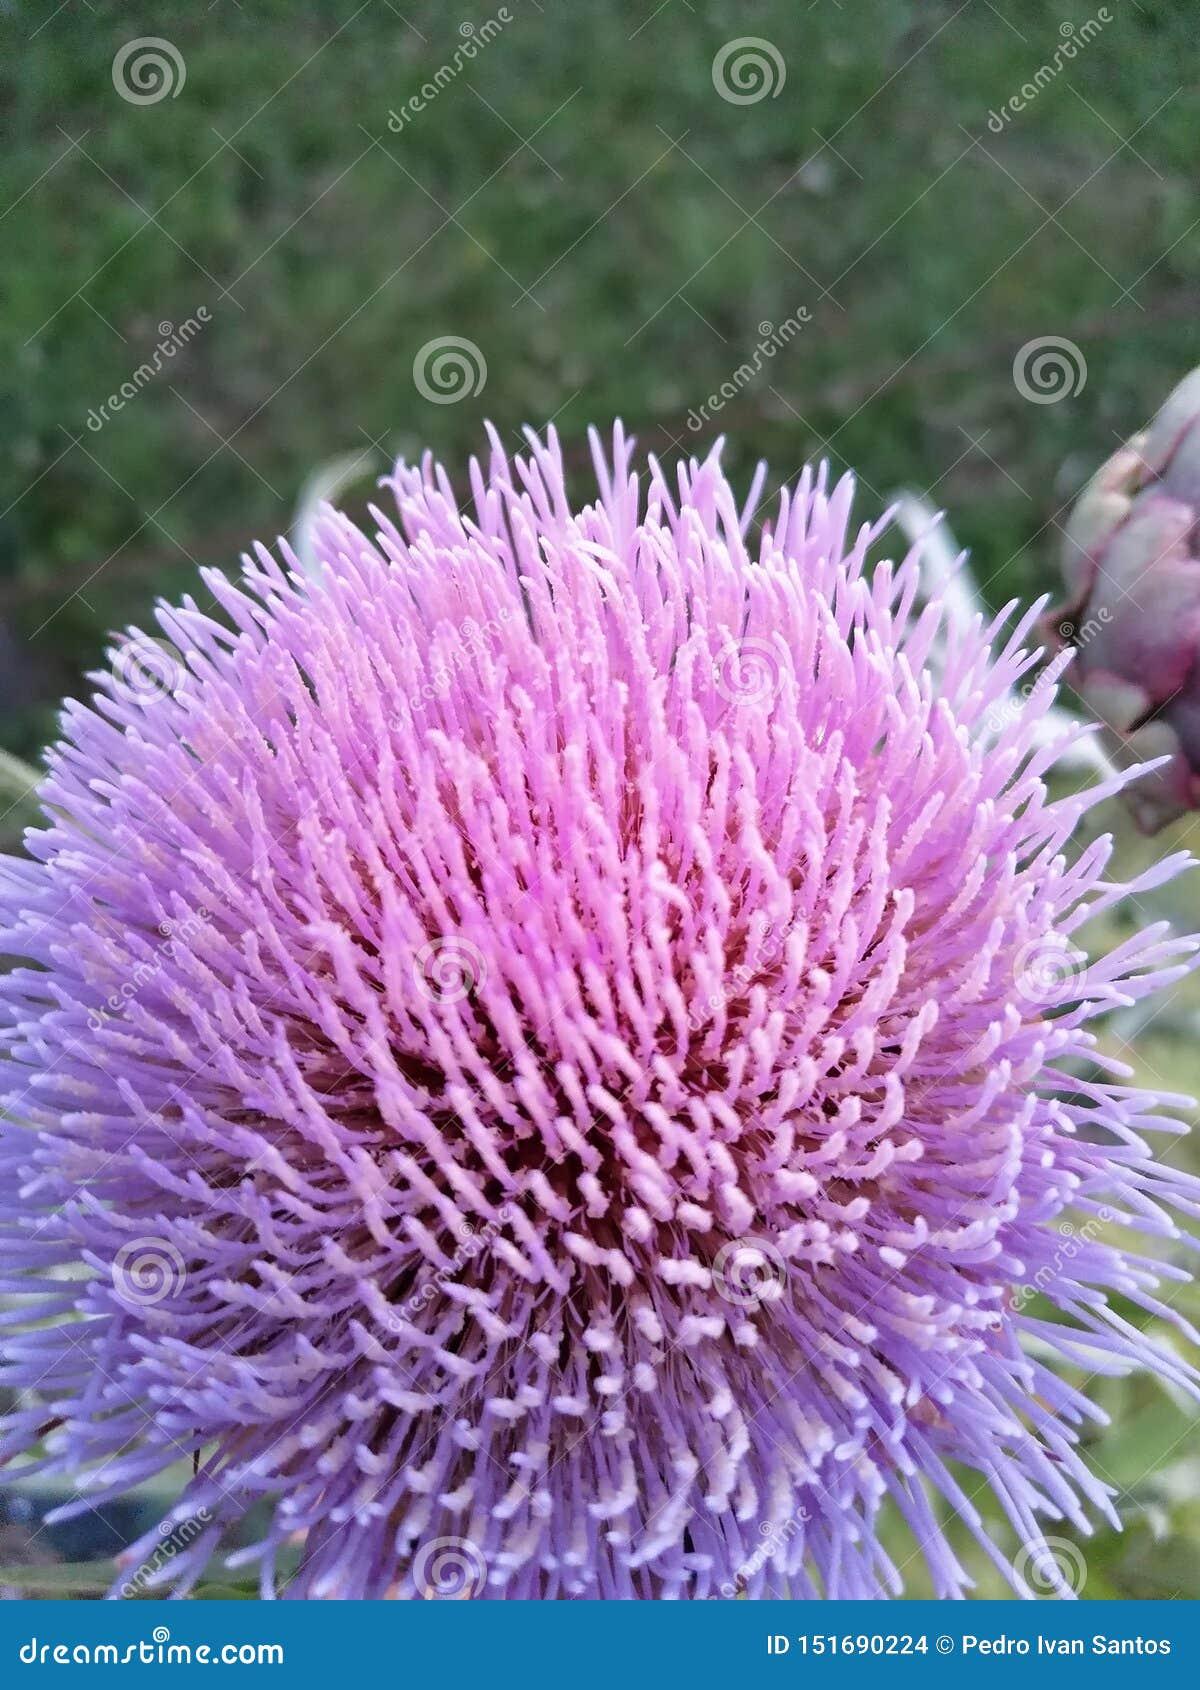 Flor de la alcachofa ningún filtro